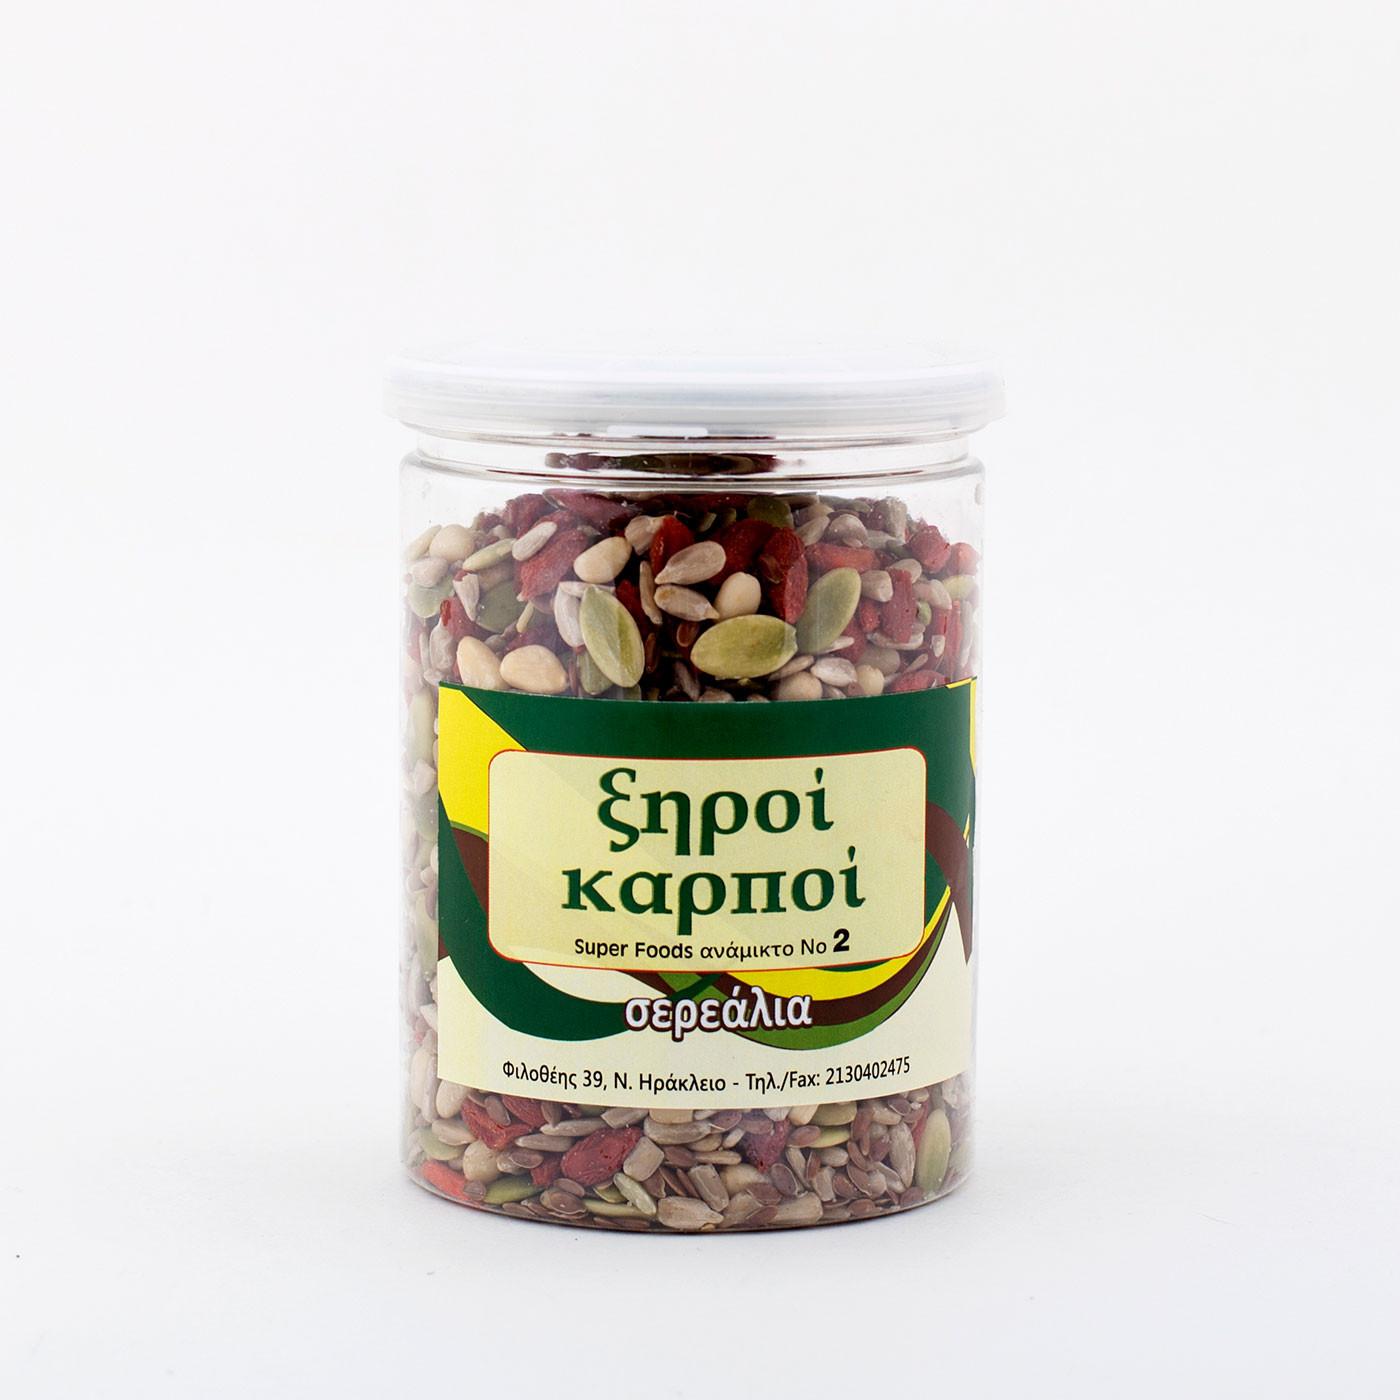 """Ξηροί καρποί Super foods ανάμικτο Νο2 """"Σερεάλια"""" 225 γρ"""